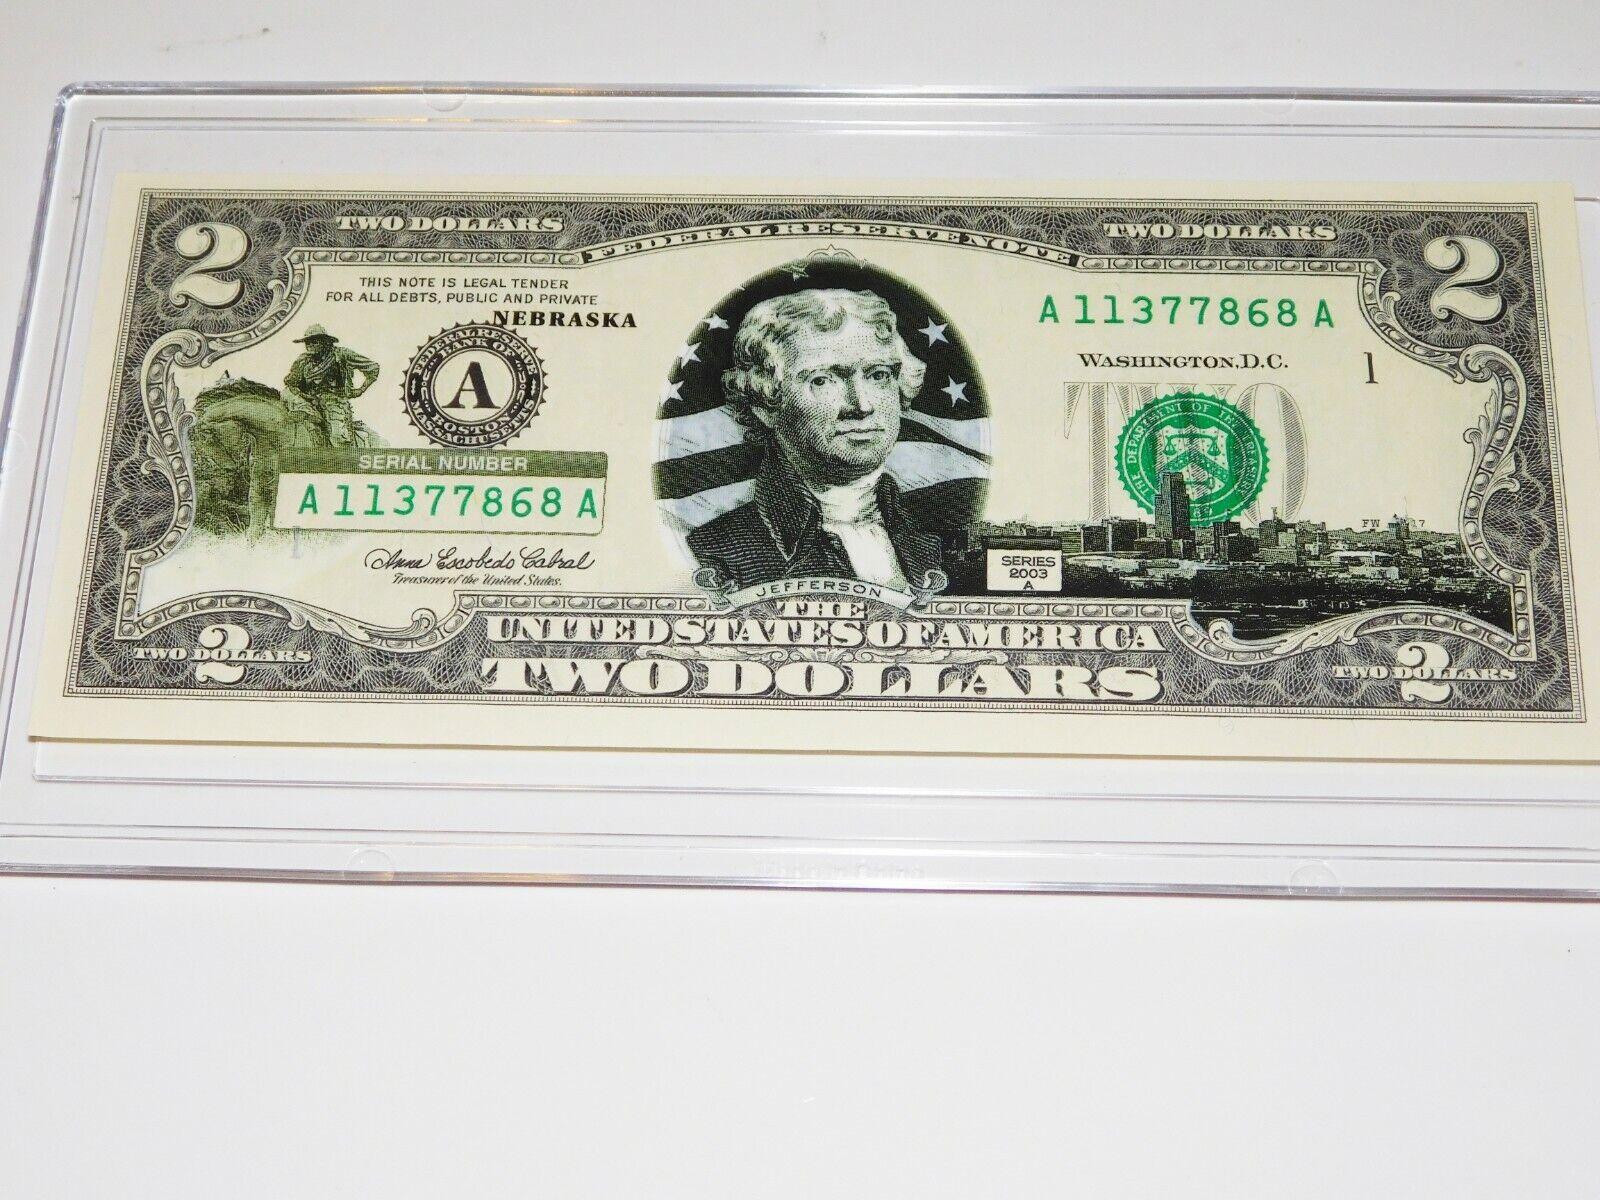 2003A 2.00 Bill Over Print Note Uncirculated In Case / Nebraska....5846 - $7.50